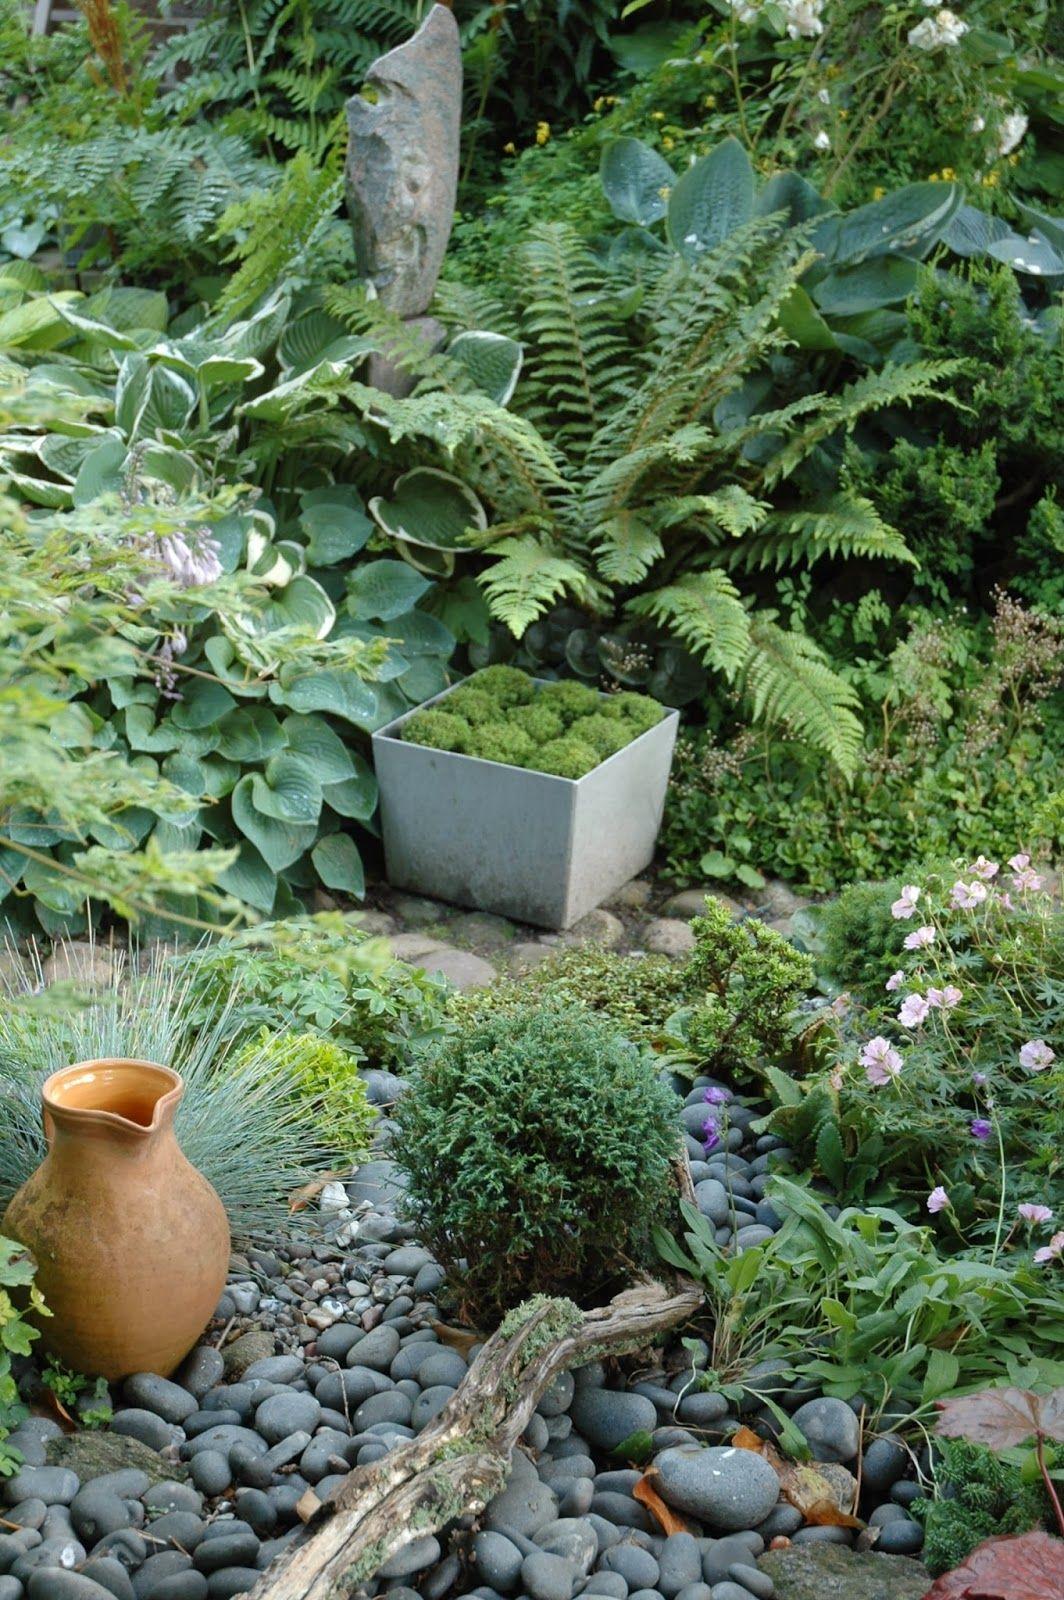 HAVETID: Inde i haven.